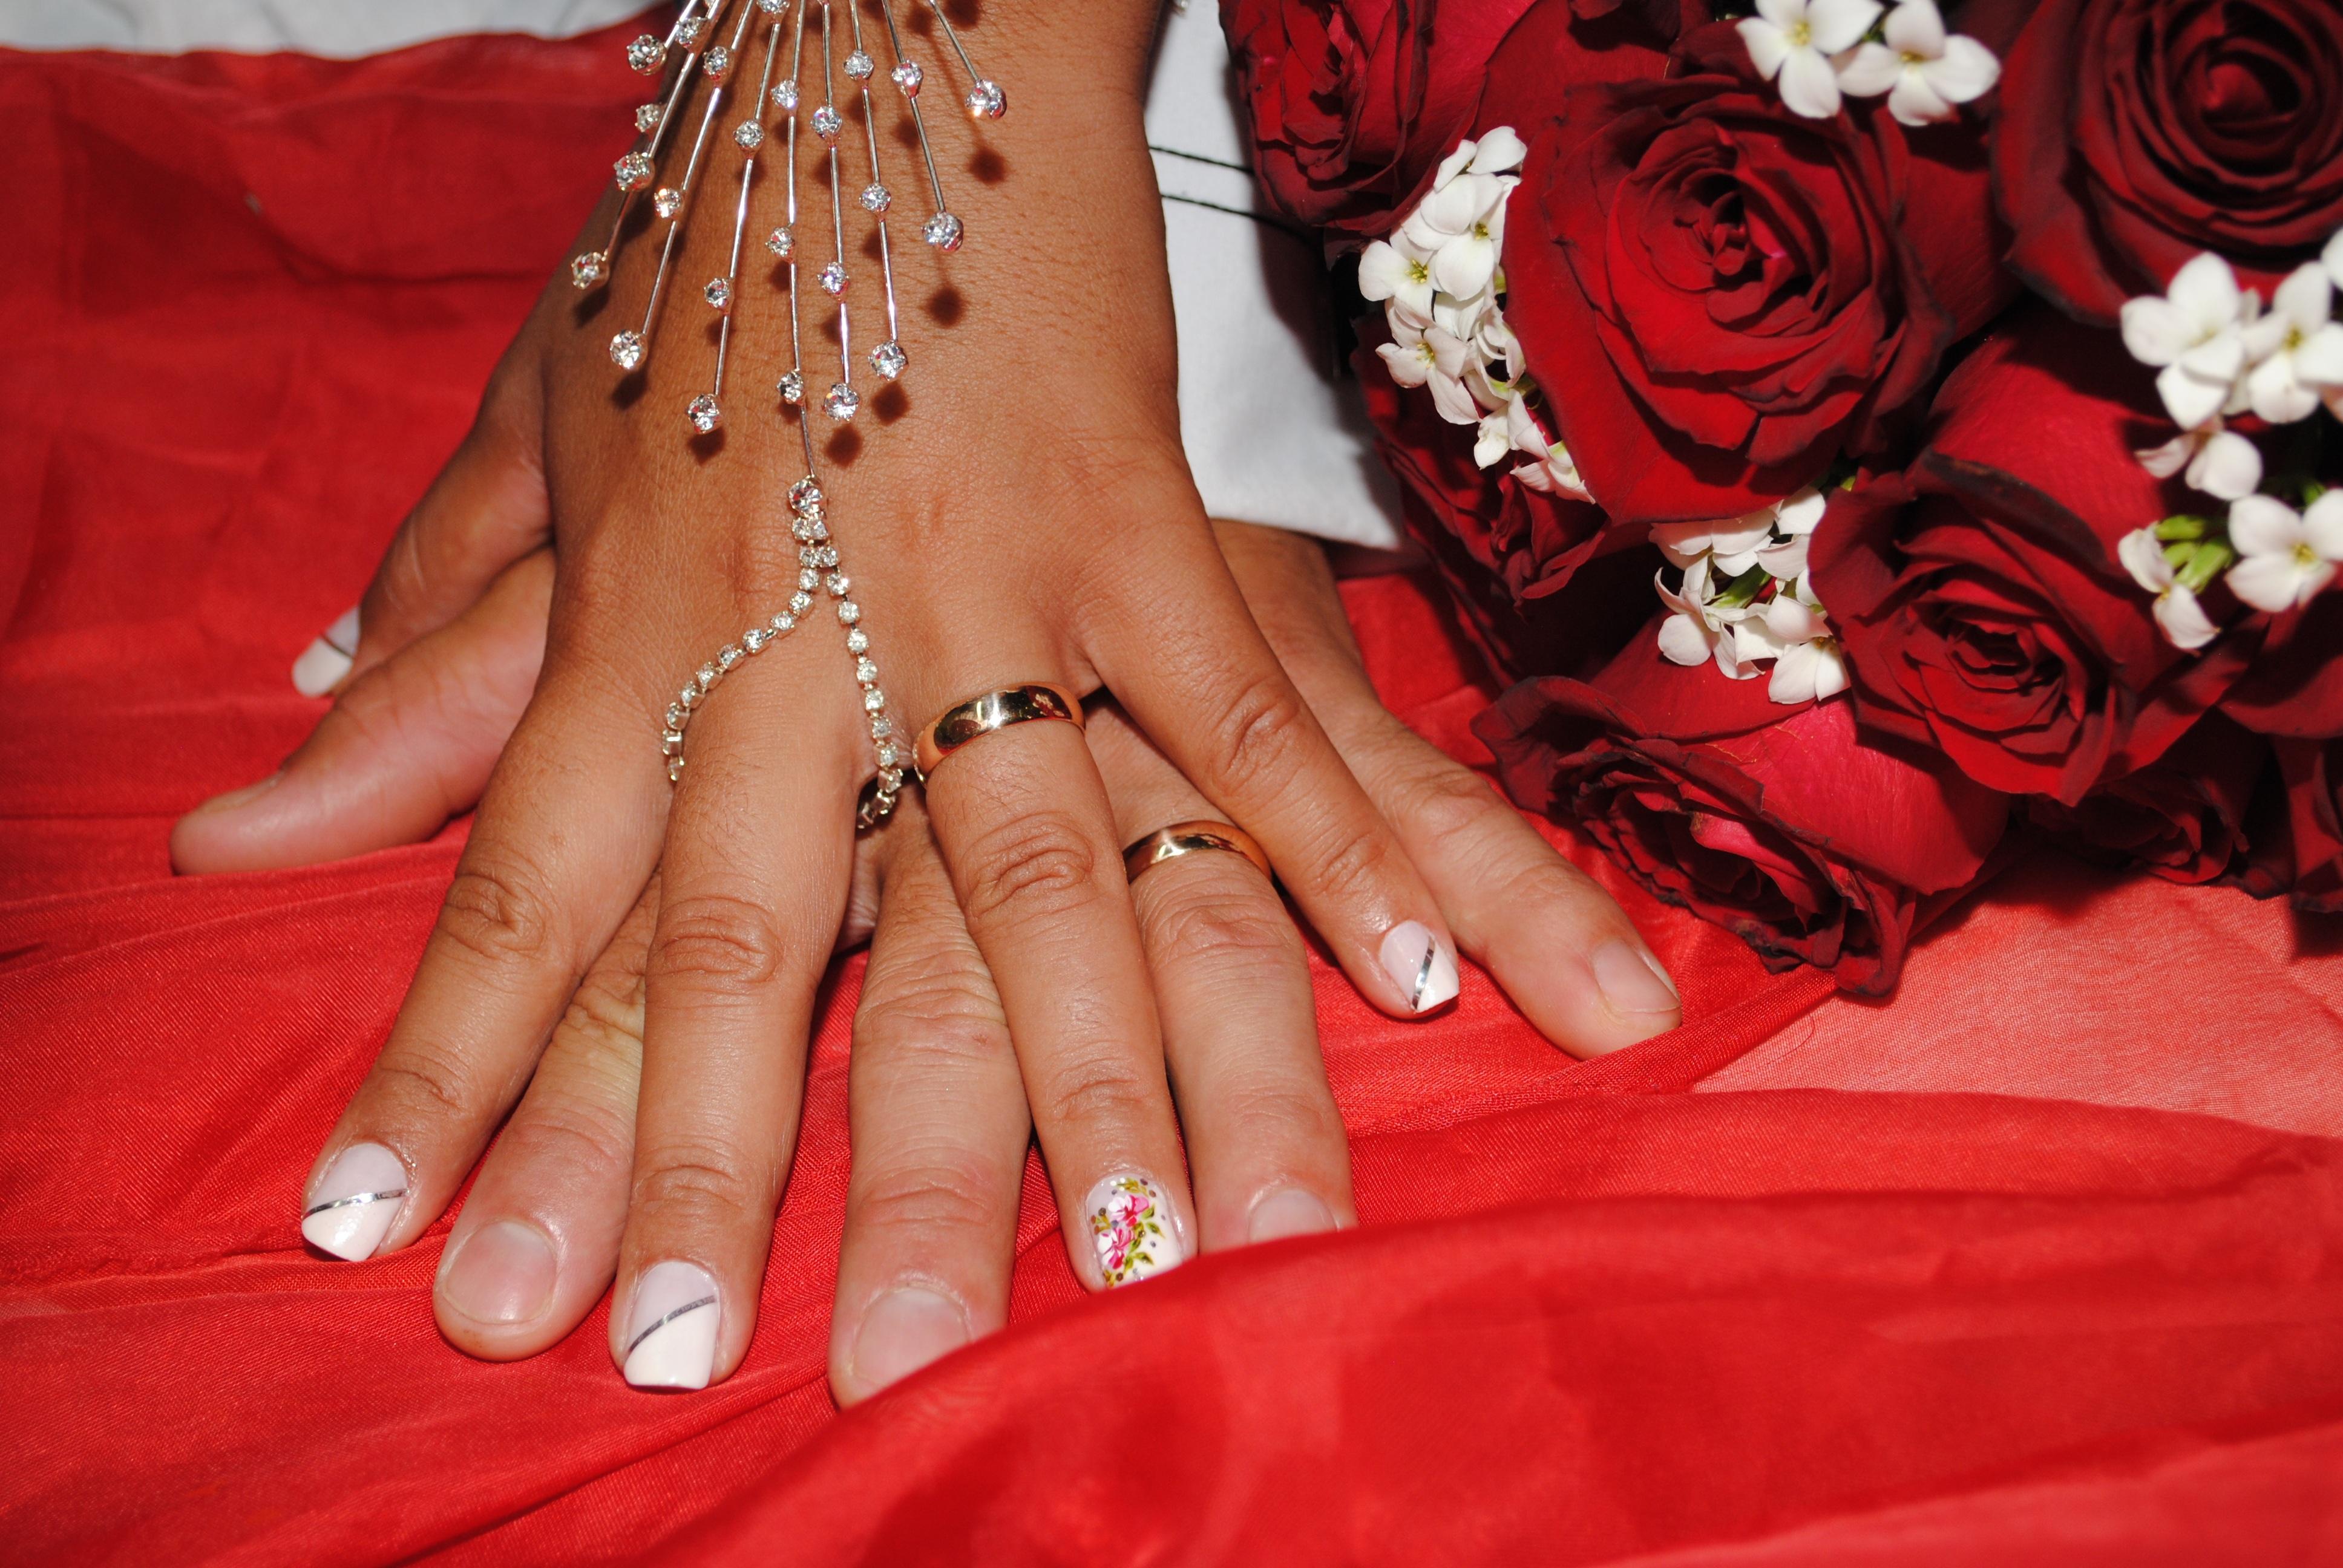 Fotos gratis : mano, pierna, patrón, dedo, rojo, compromiso, uña ...